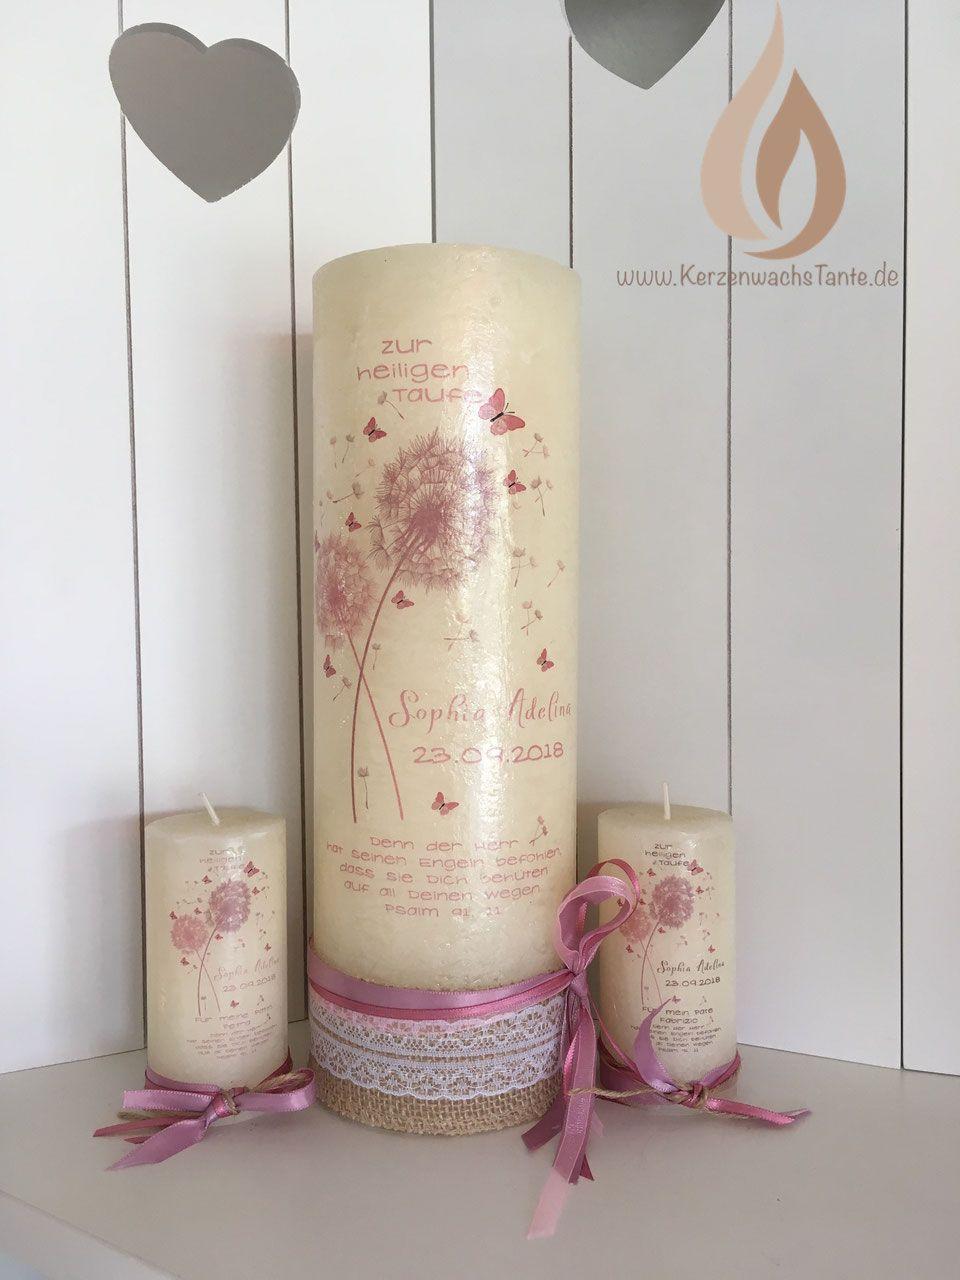 Kerzen Vintage Kerzenwachstante Shops Webseite Kerzen